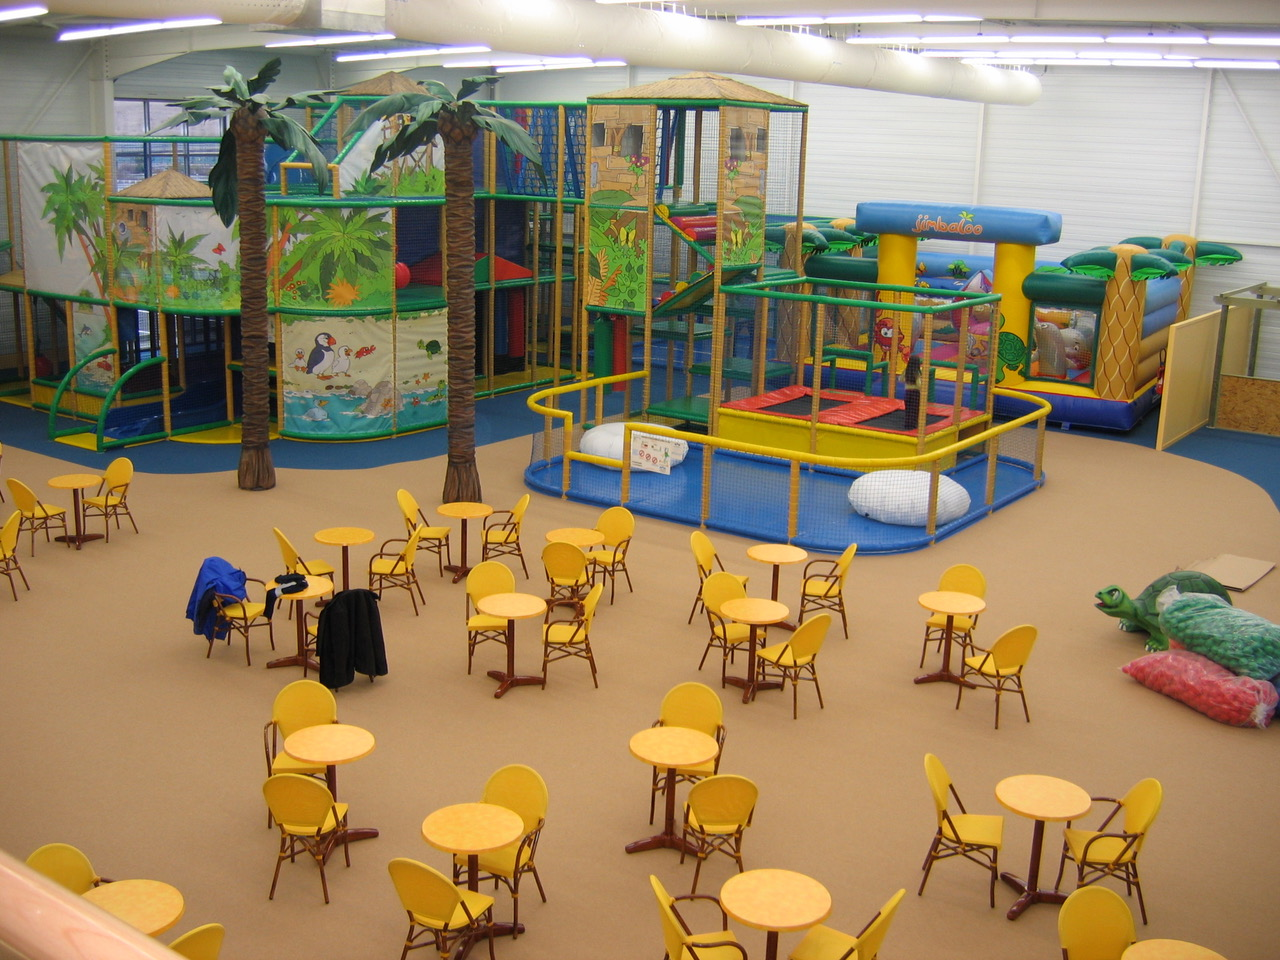 Mantenimiento de parques infantiles de interior a mayor for Muebles basoko